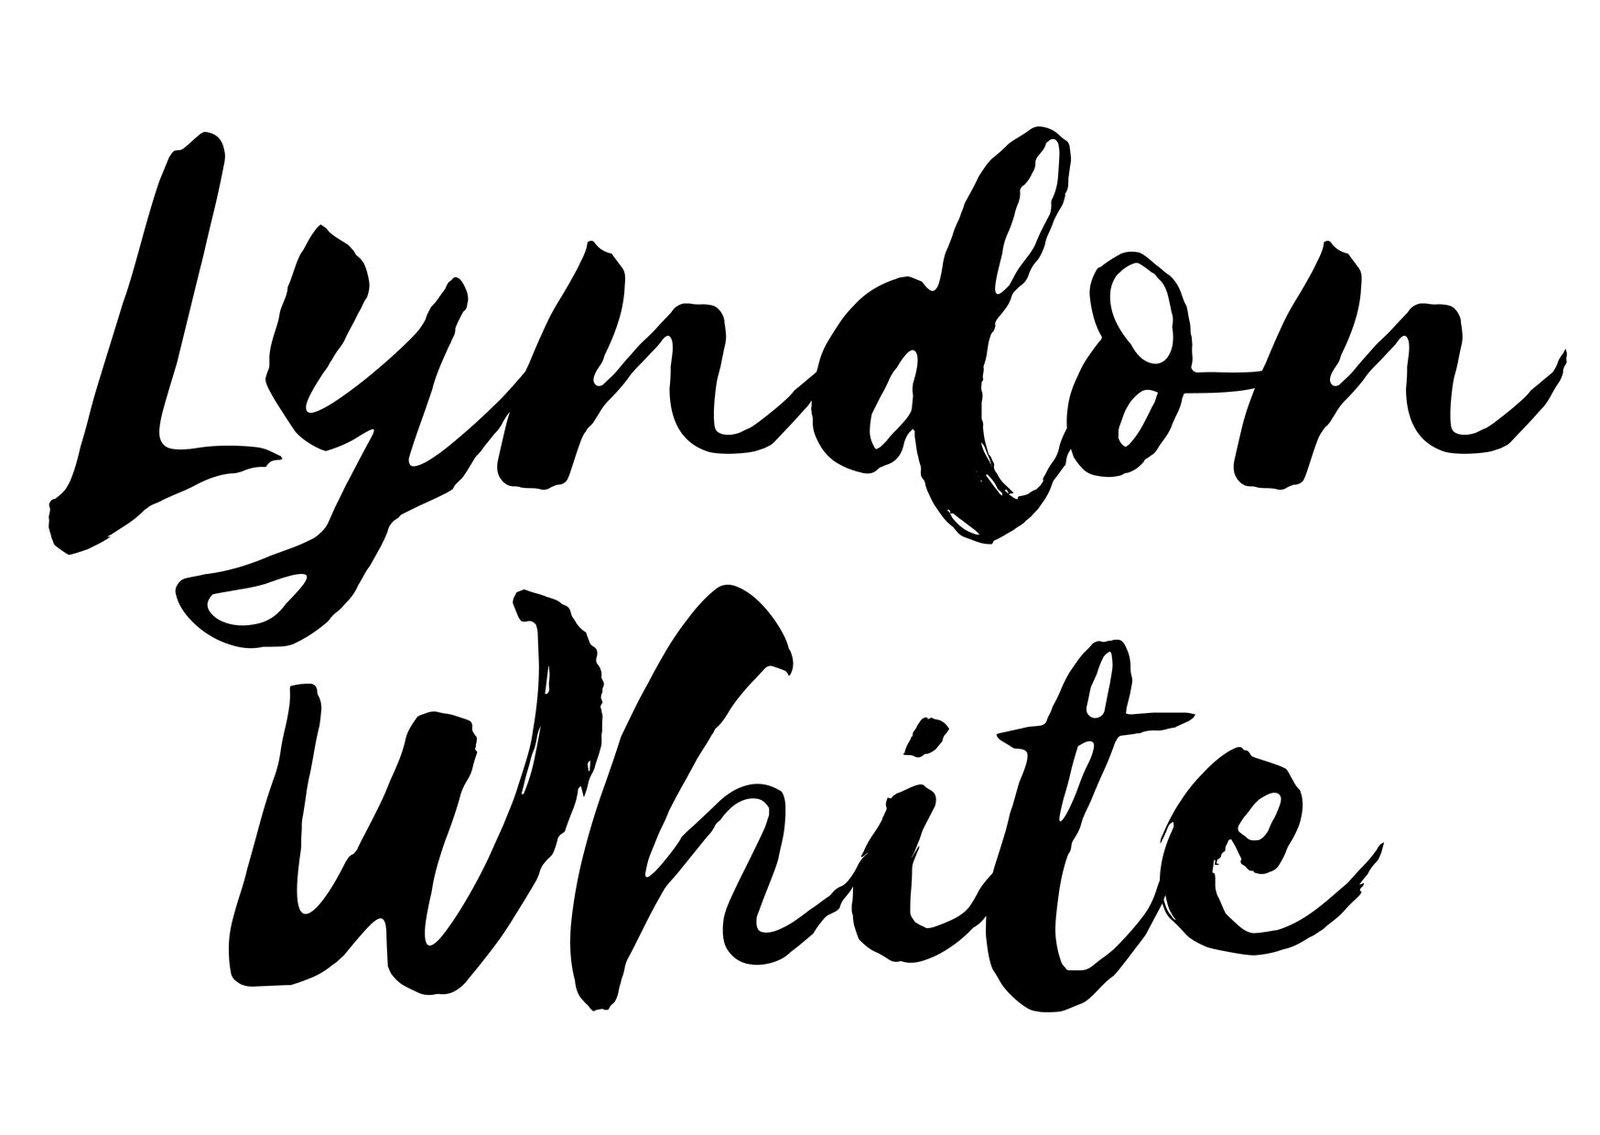 lyndonwhite